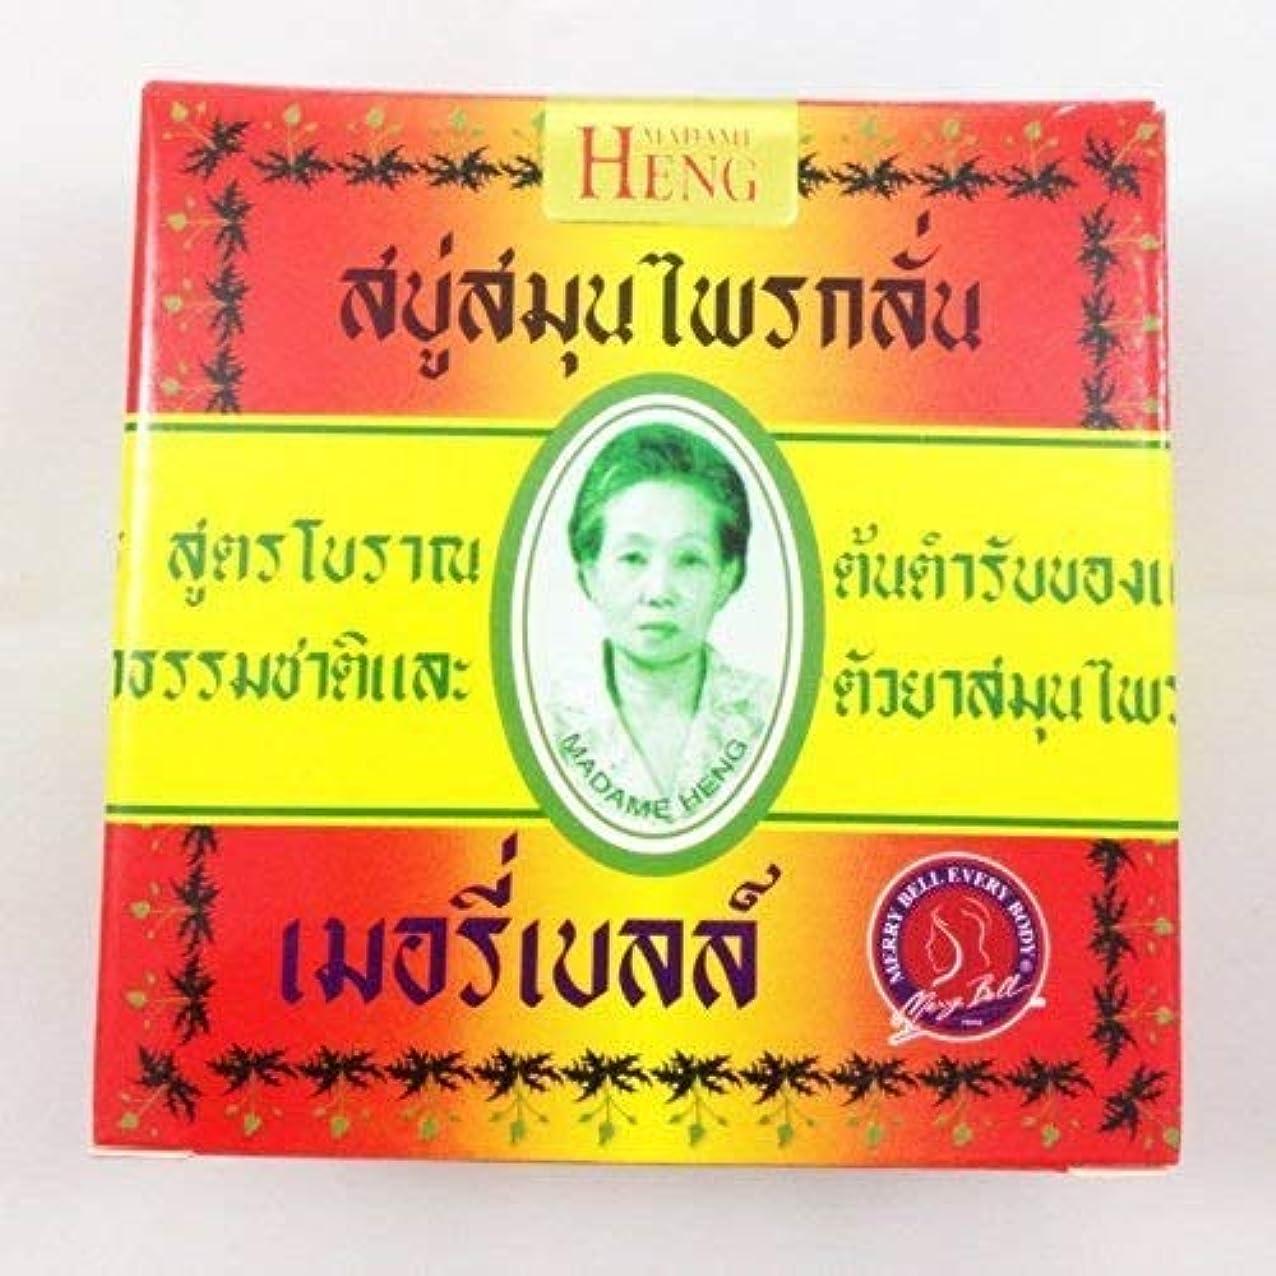 犯罪憂鬱ブリーフケースMadame Heng Thai Original Natural Herbal Soap Bar Made in Thailand 160gx2pcs by Ni Yom Thai shop